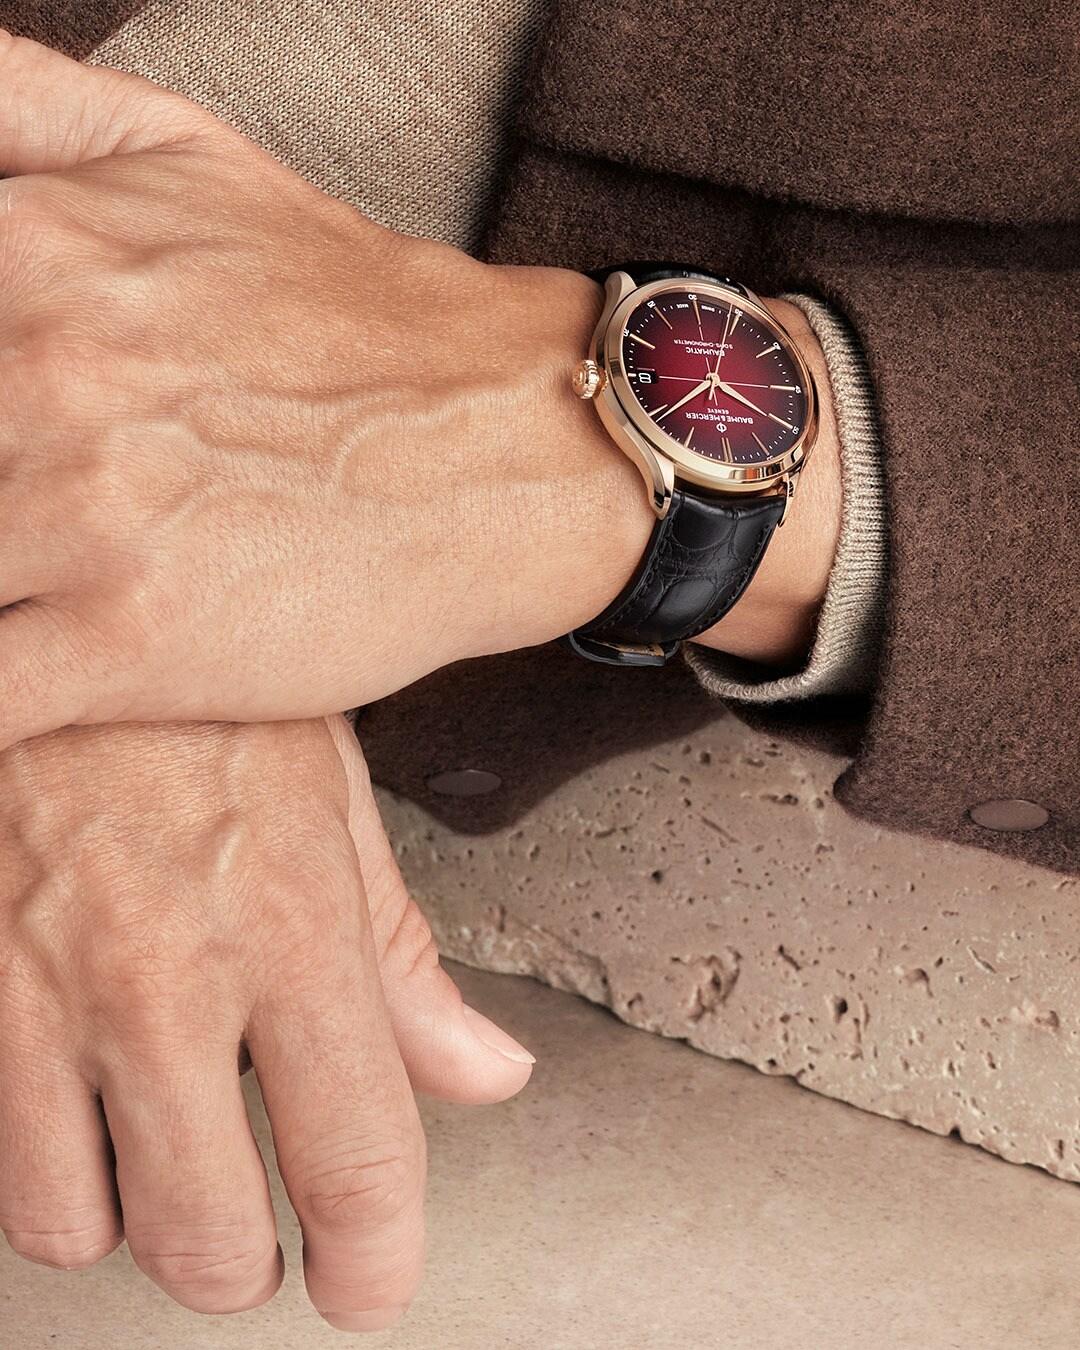 Baume et Mercier Clifton Baumatic 10591 Lifestyle wristshot